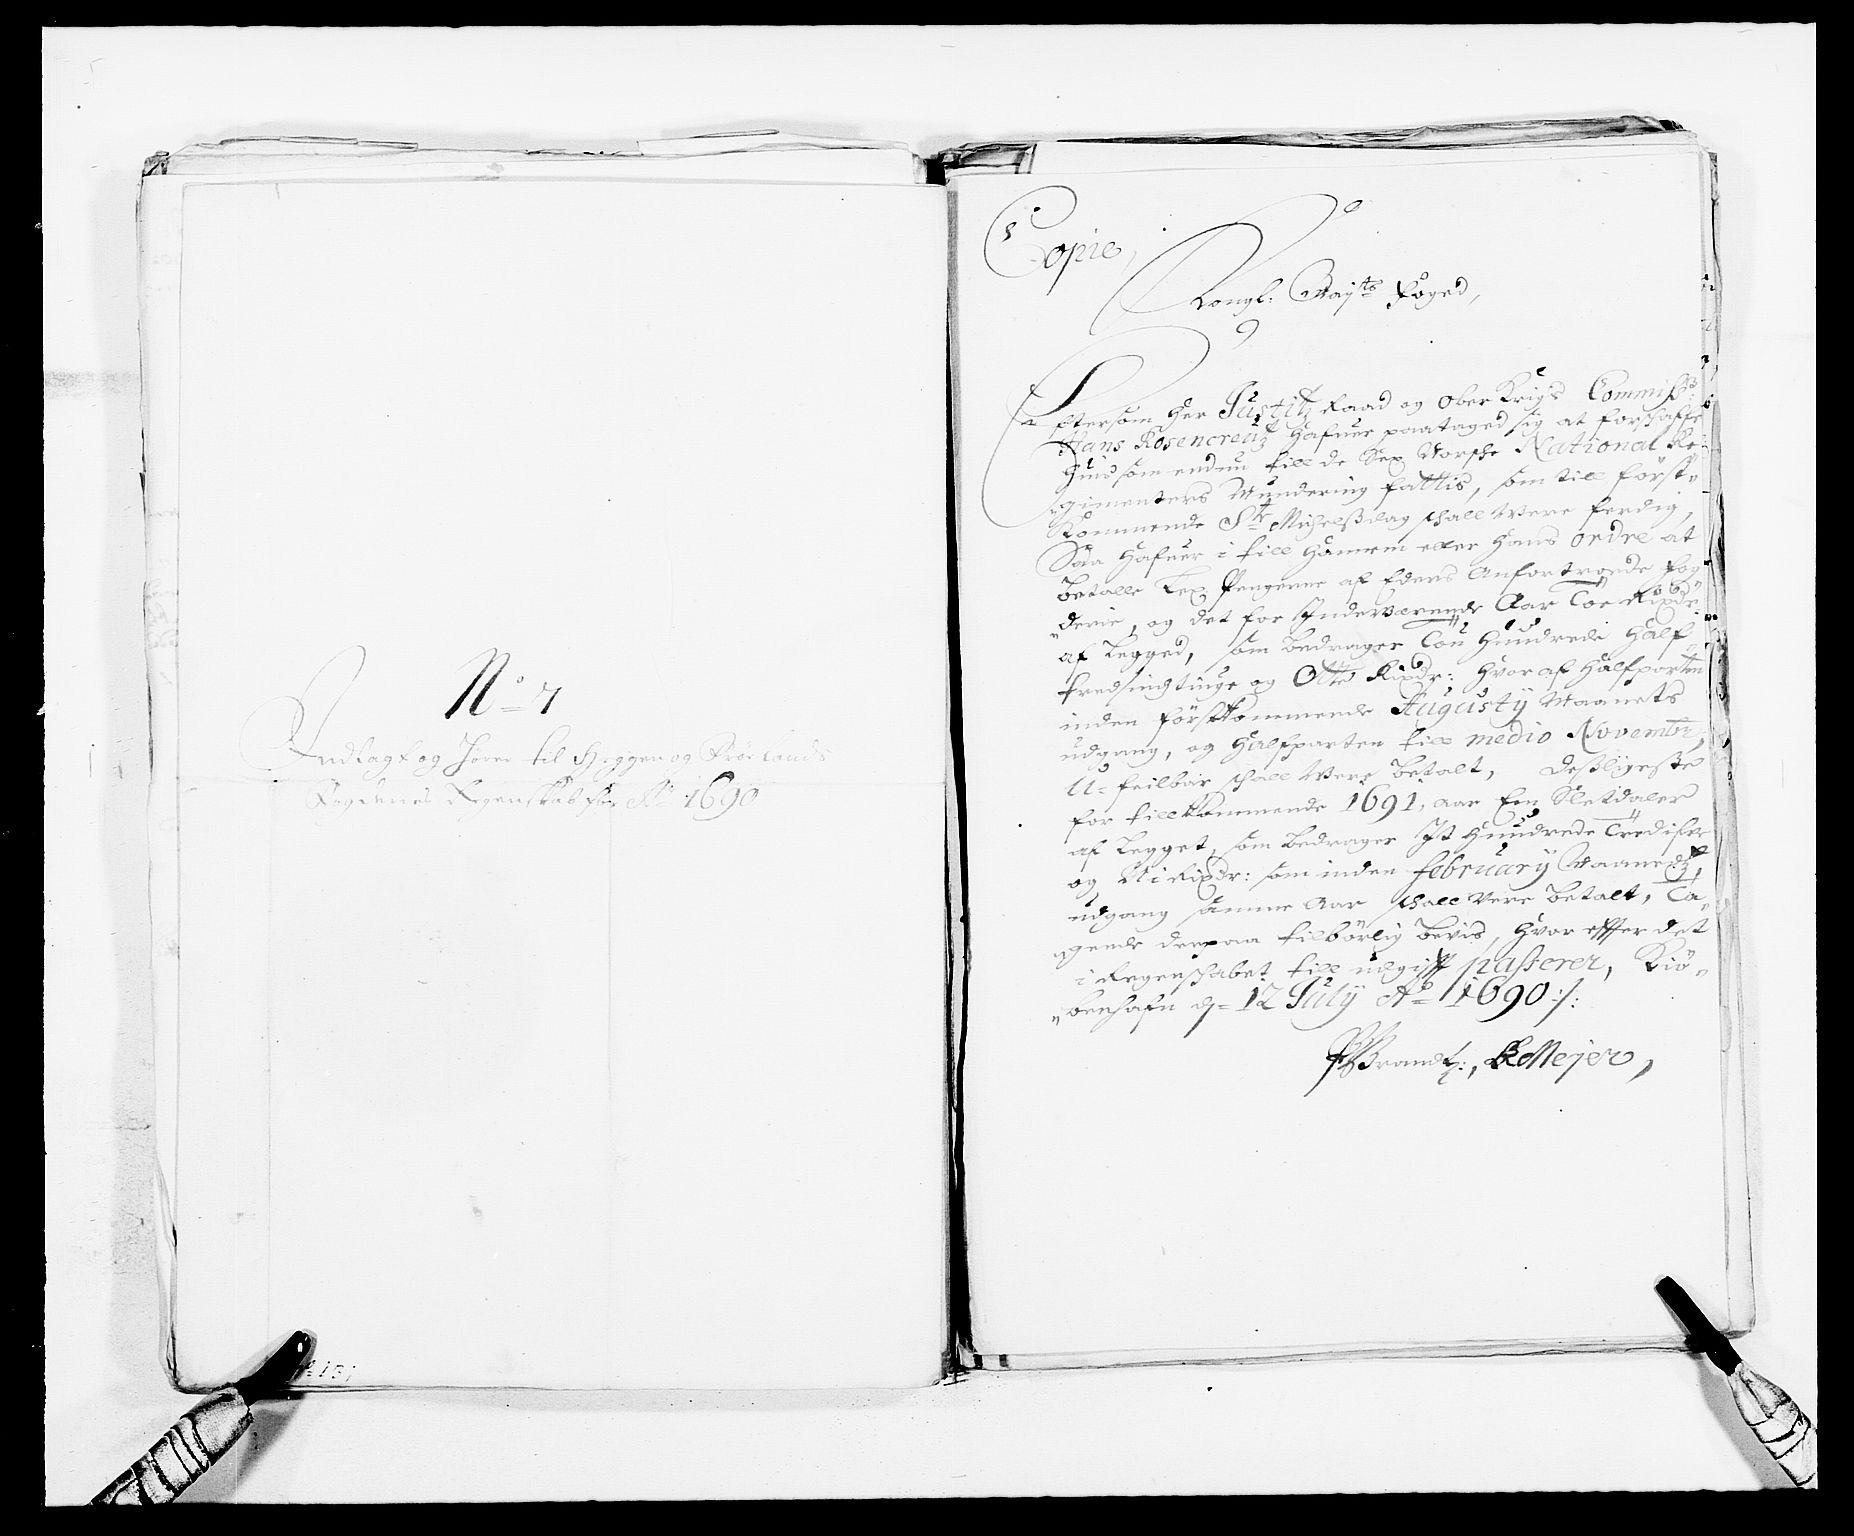 RA, Rentekammeret inntil 1814, Reviderte regnskaper, Fogderegnskap, R06/L0282: Fogderegnskap Heggen og Frøland, 1687-1690, s. 260